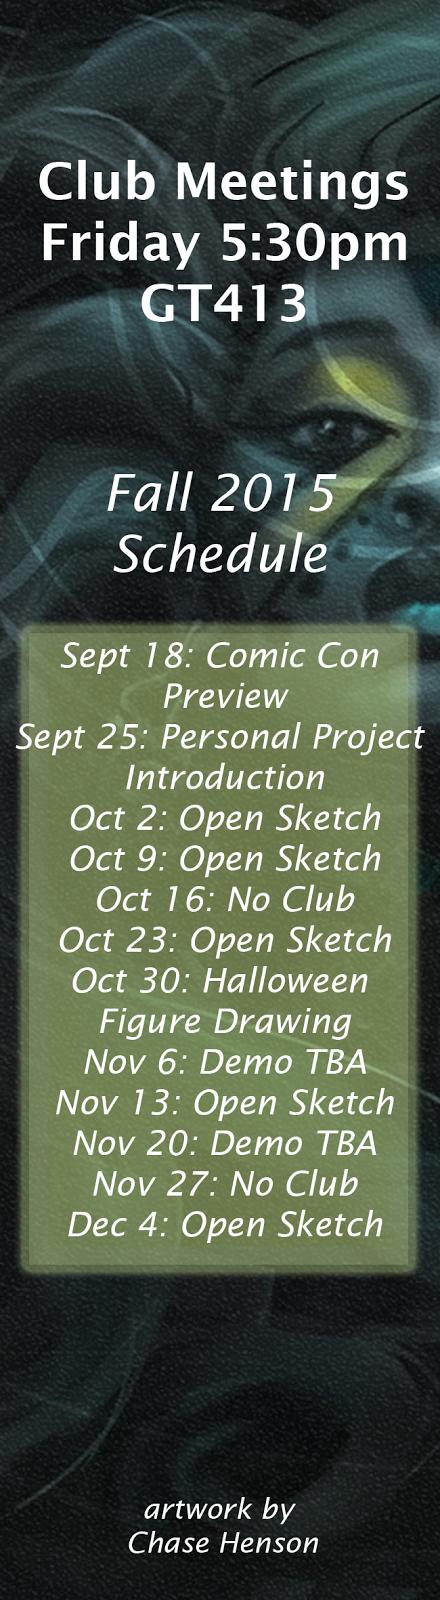 fall 2015 schedule